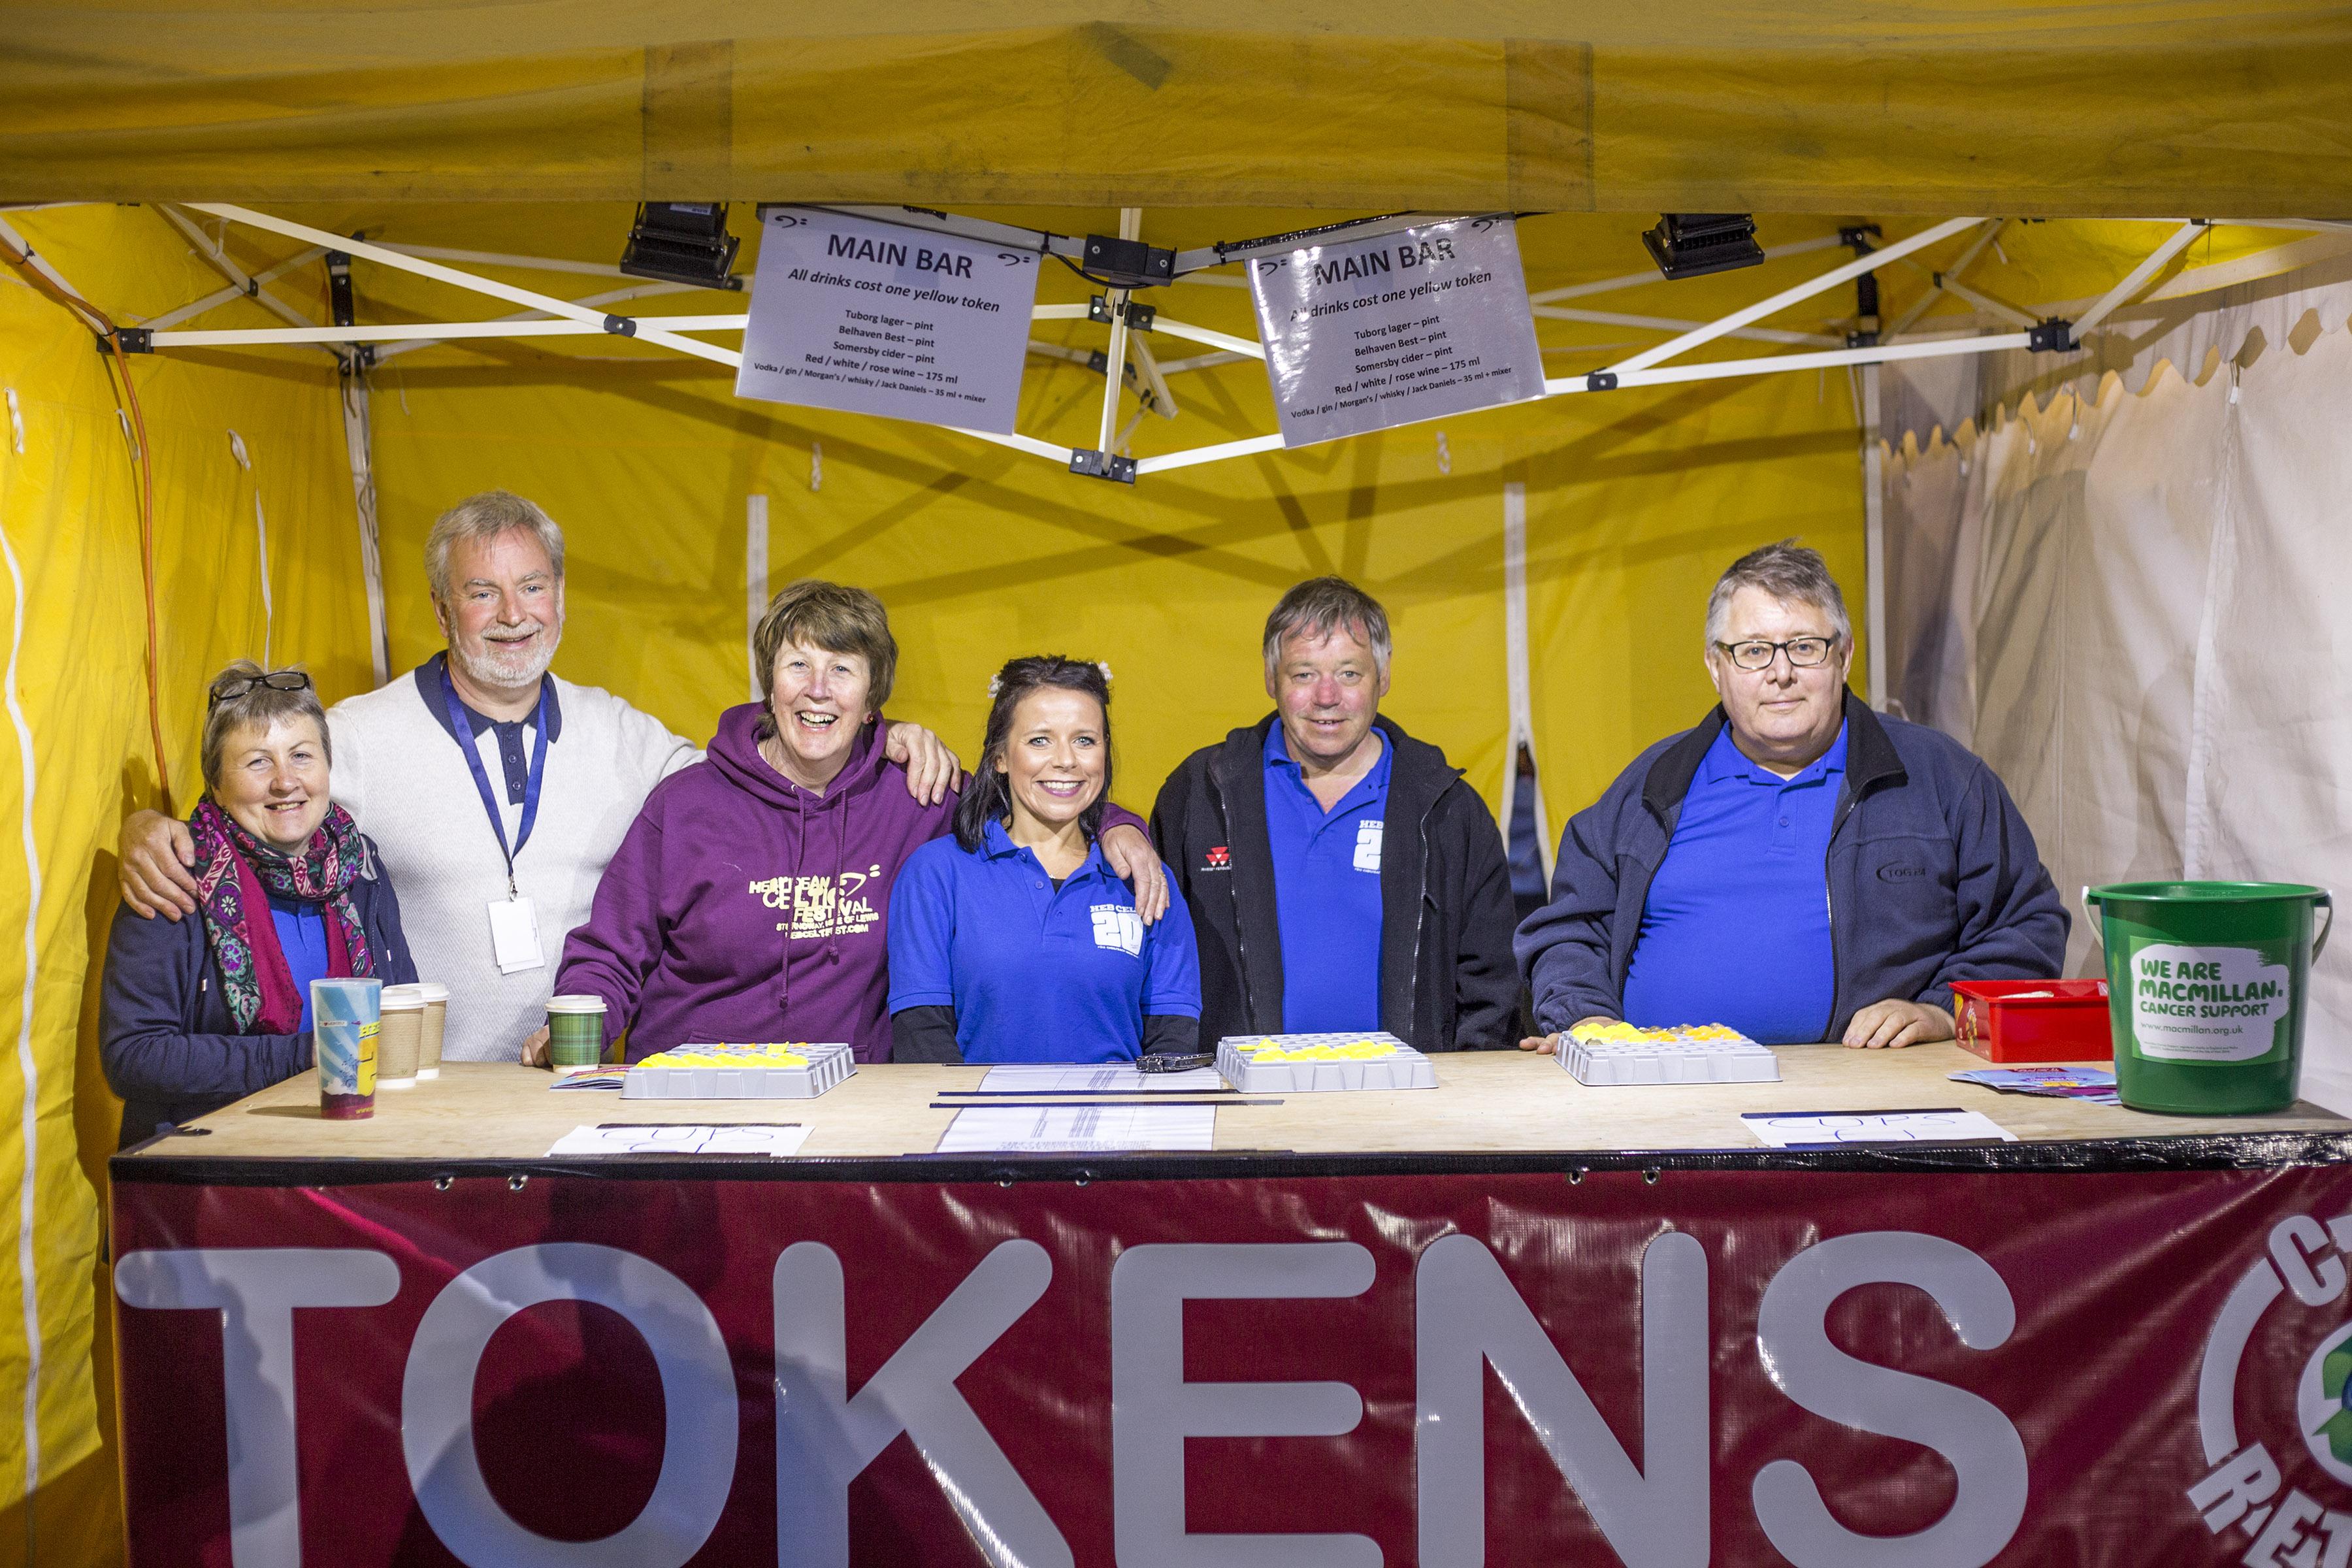 The token tent crew